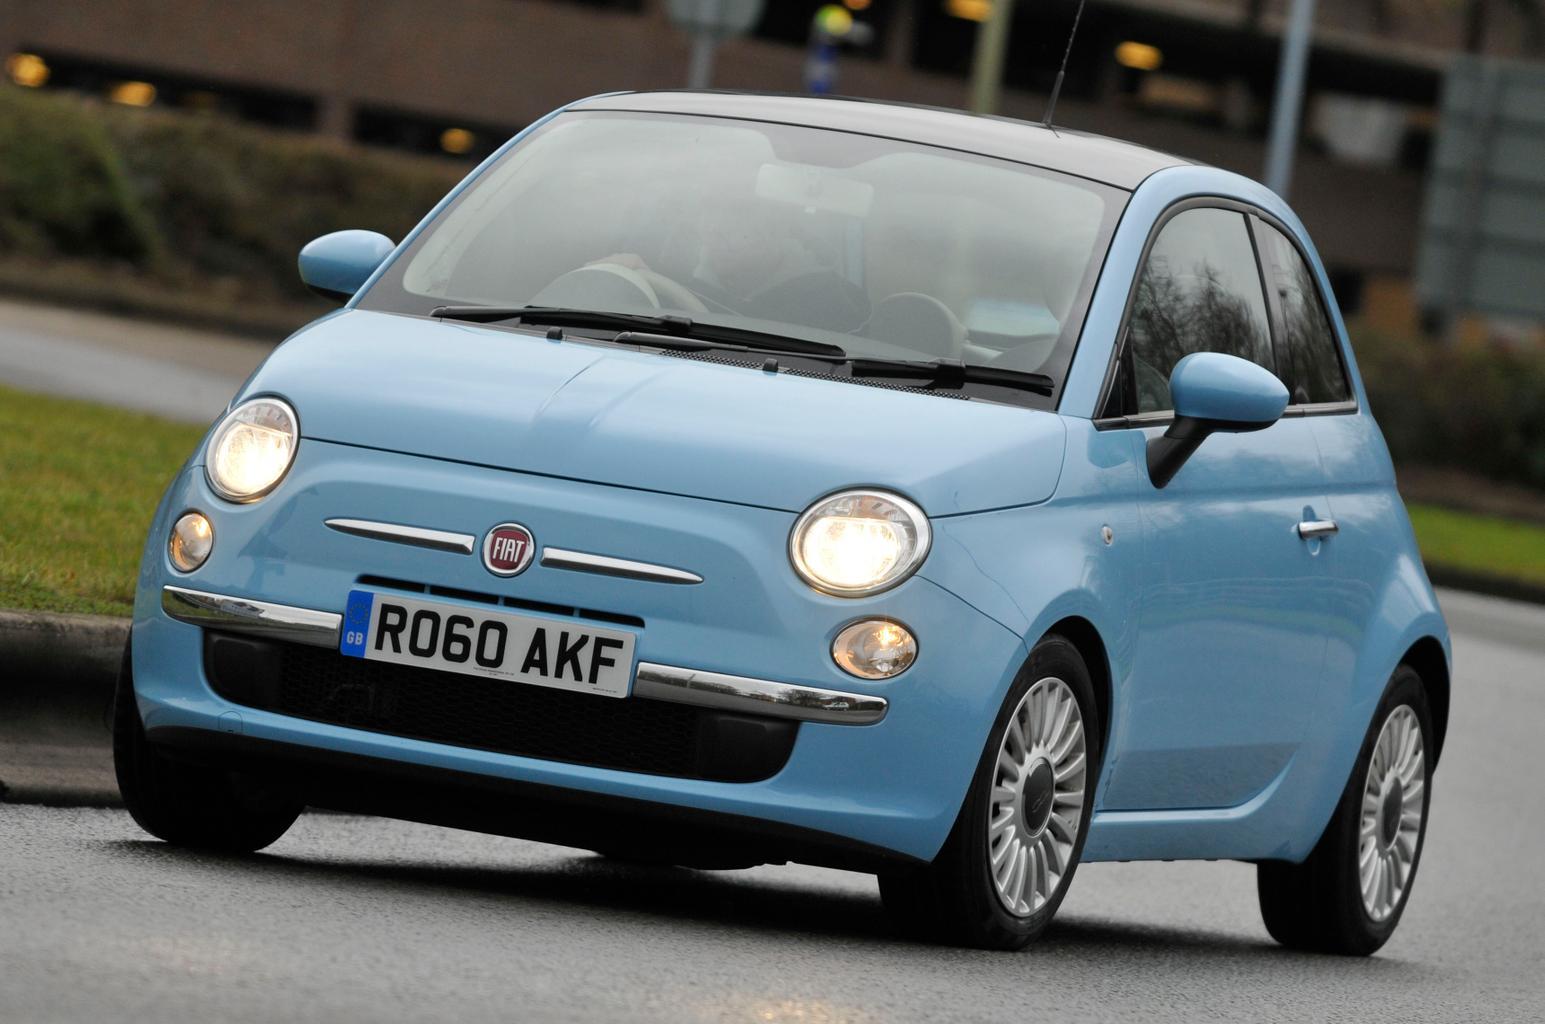 Used Fiat 500 vs Honda Jazz vs Mini One vs Volkswagen Polo